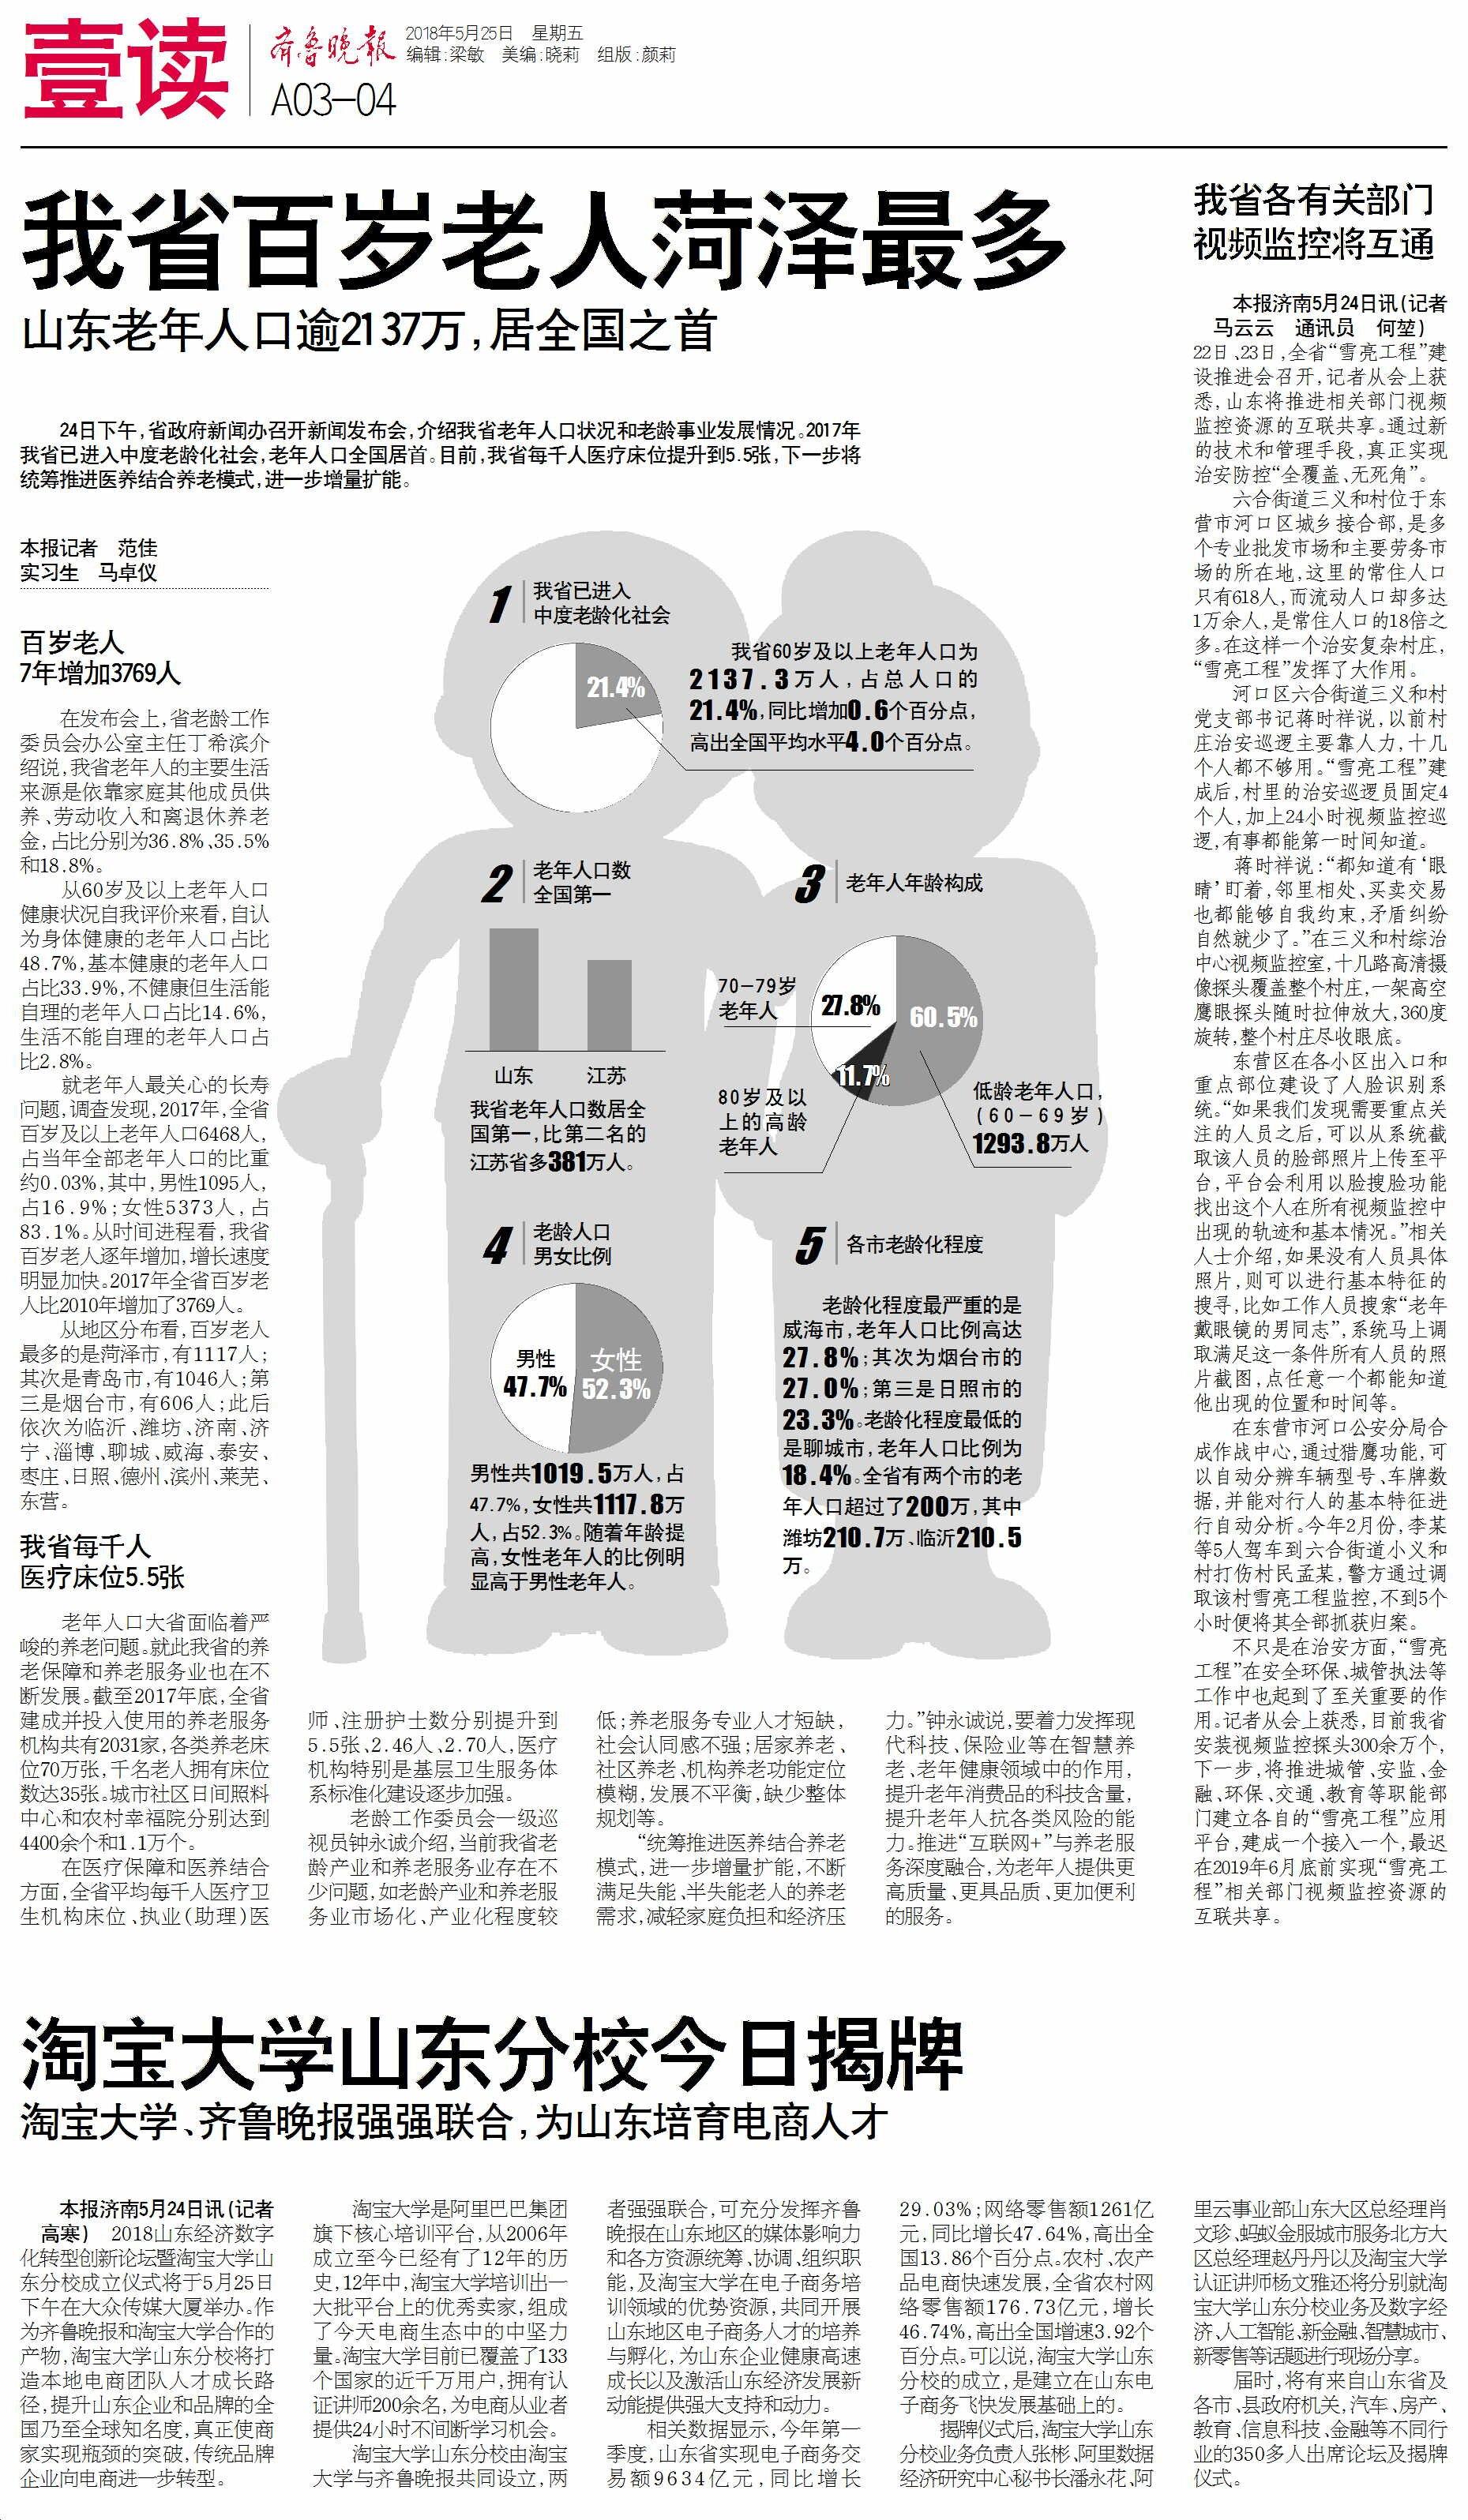 2019郓城百岁人口_山东百岁老人菏泽最多!老年人口2137万,居全国之首